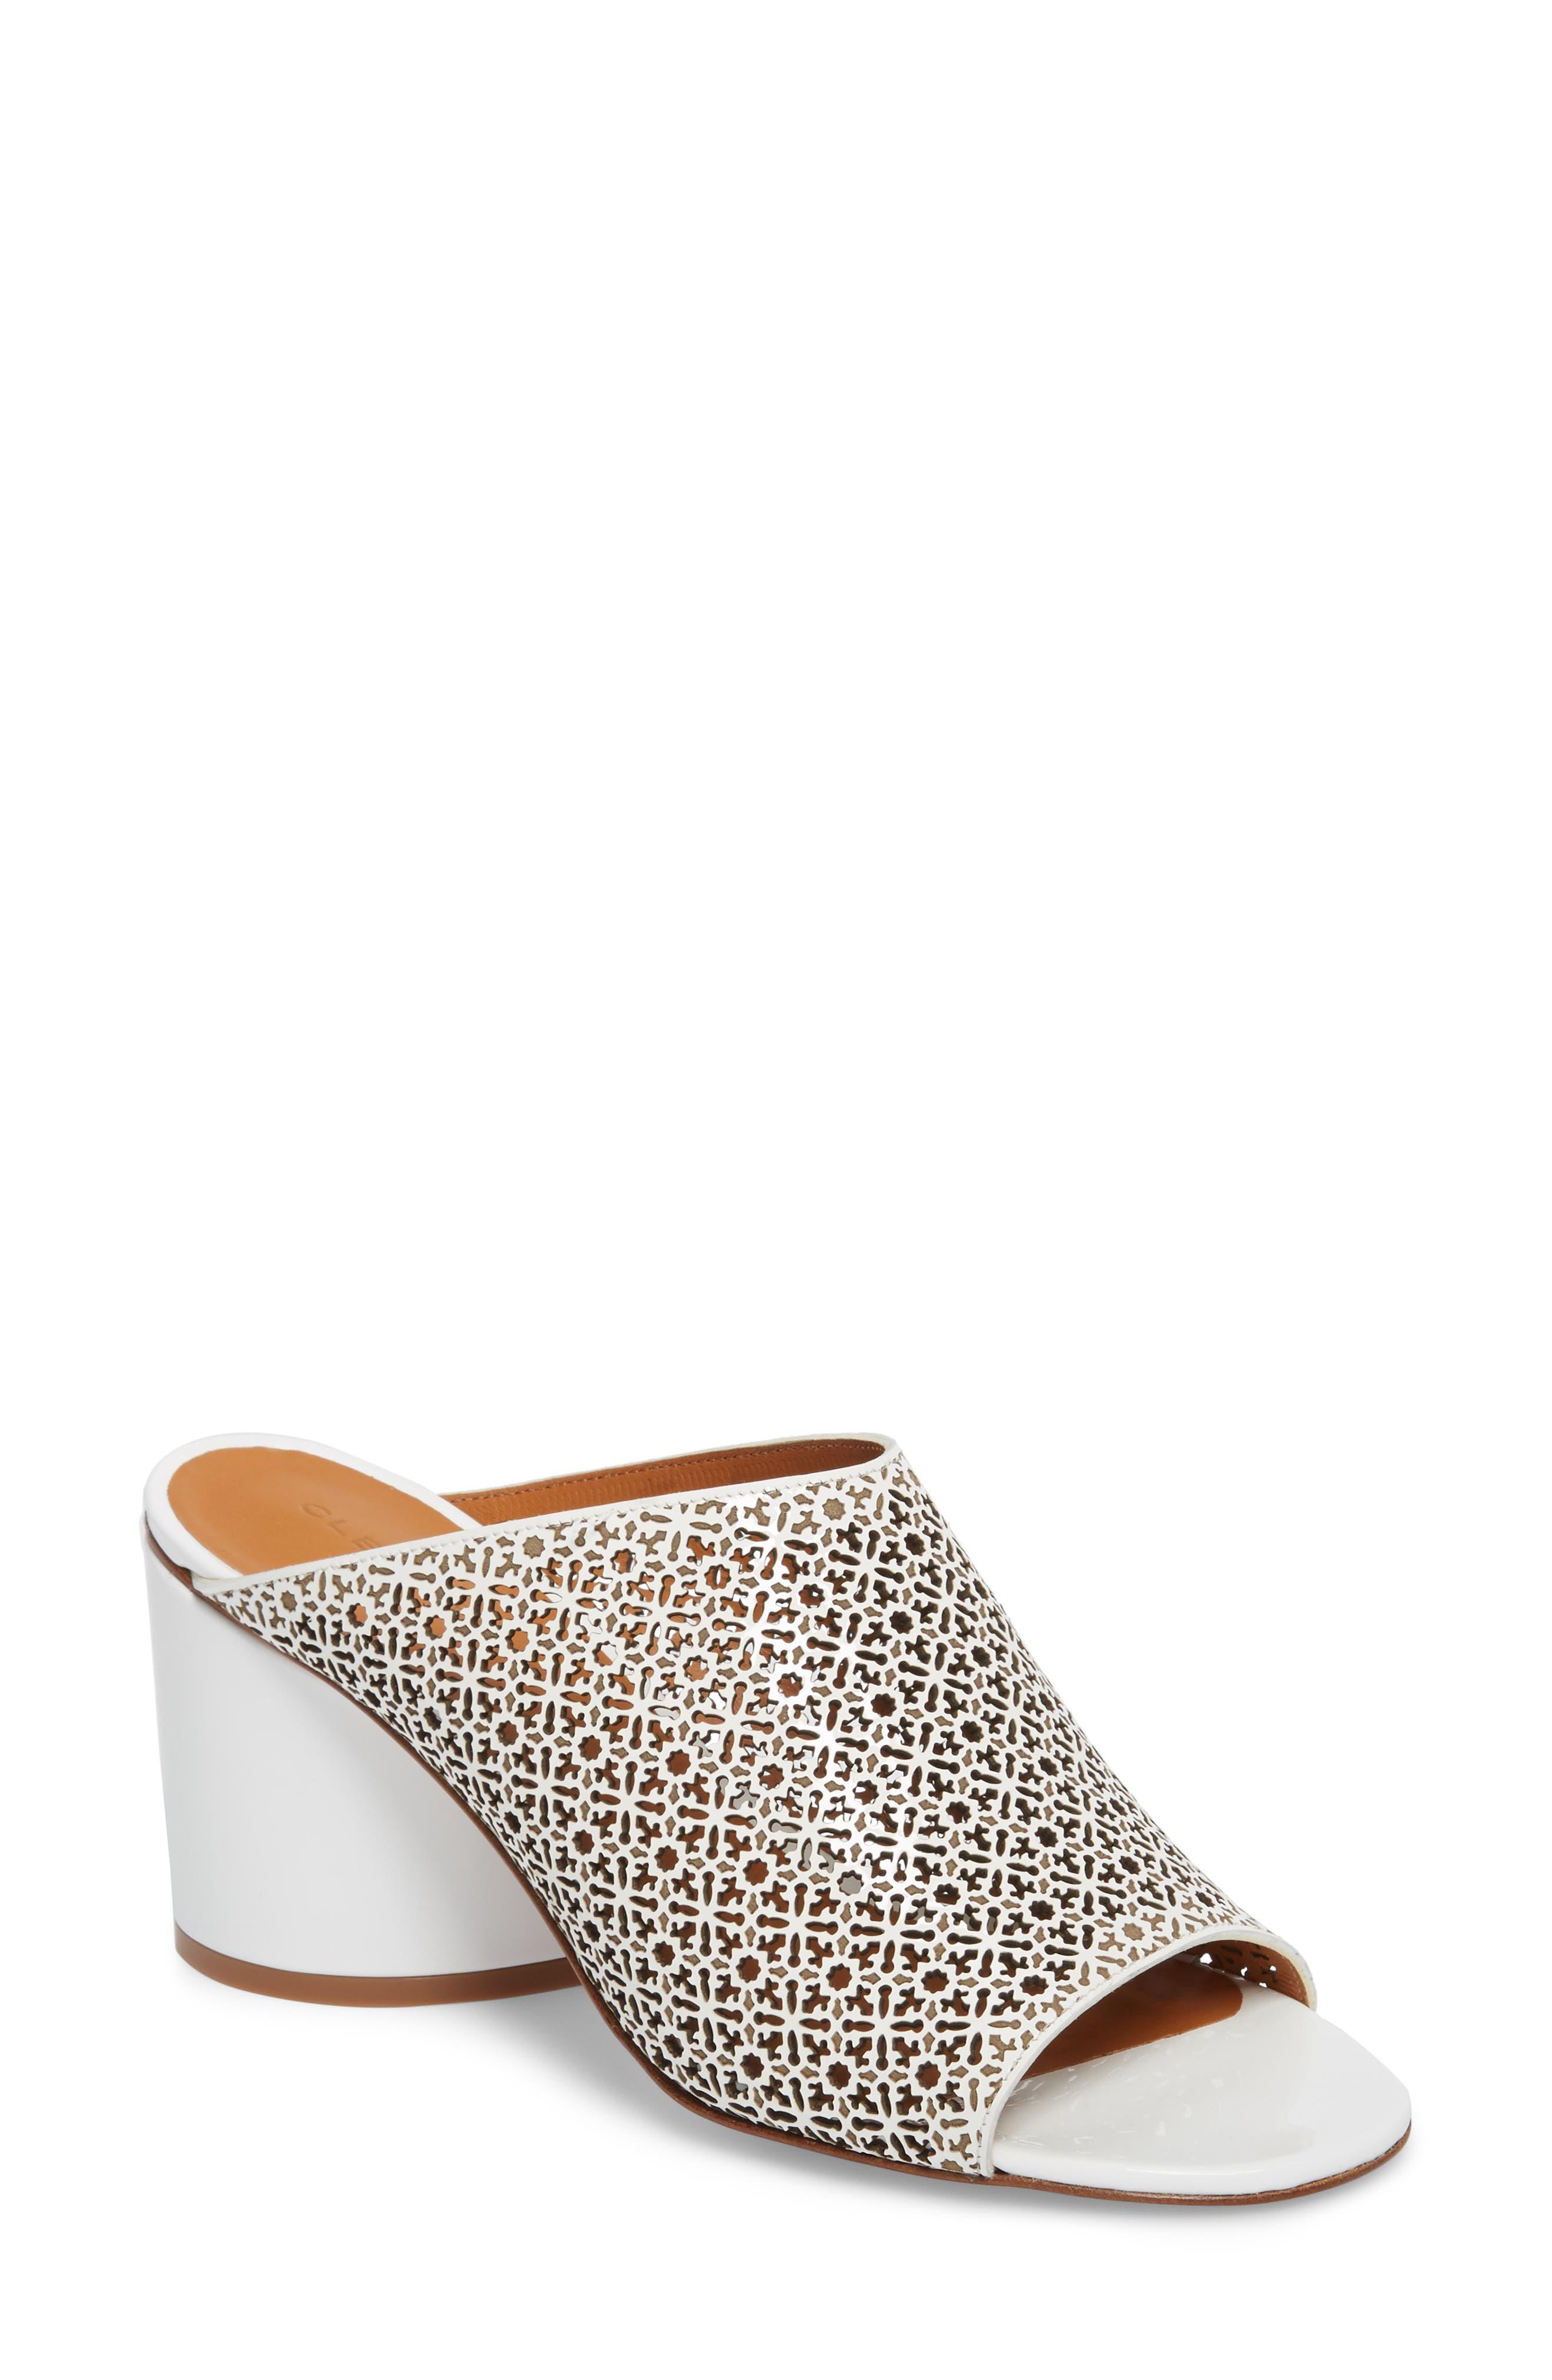 Cara Perforated Sandal,                         Main,                         color, 109